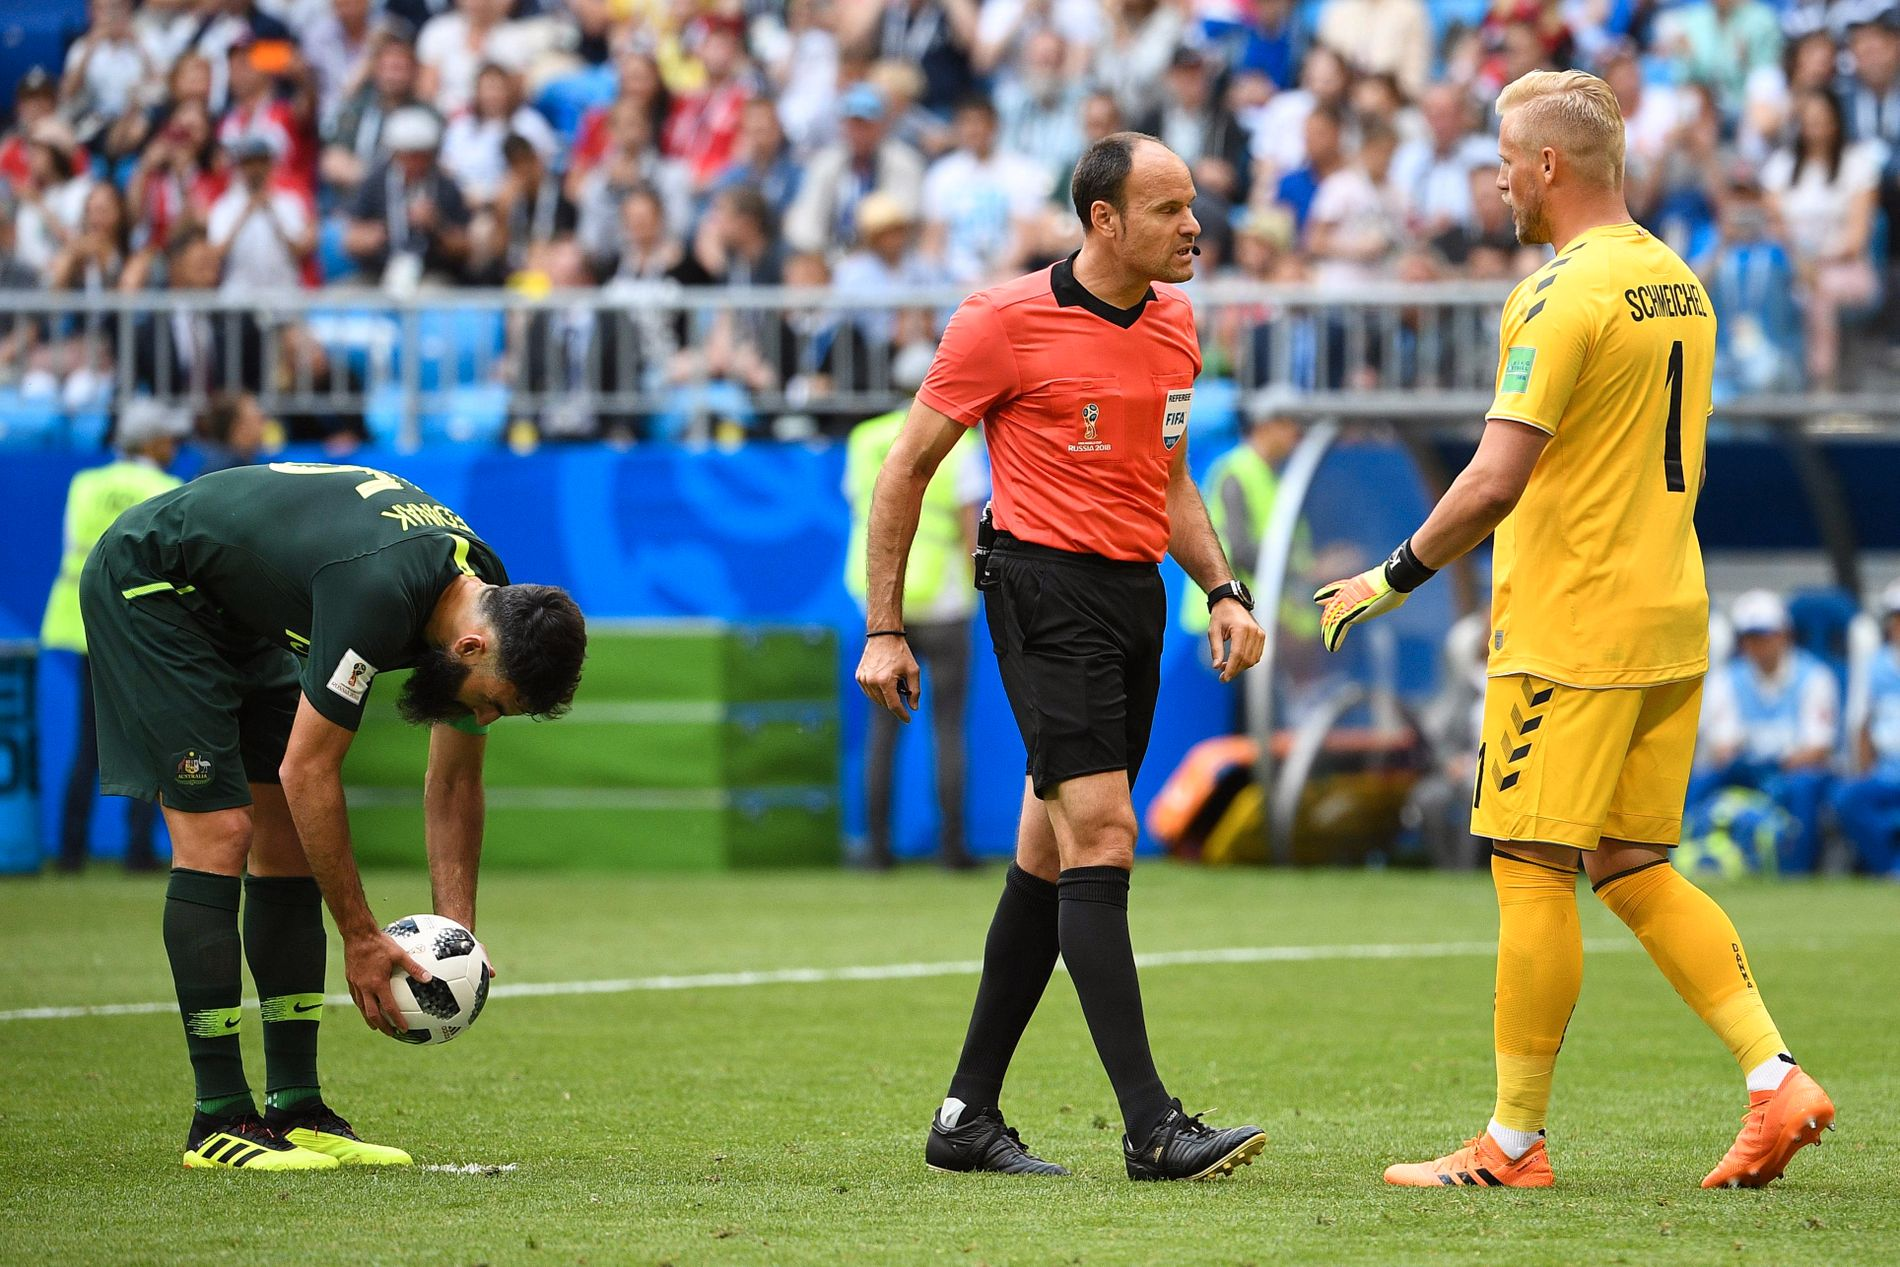 VAR DU HELT SIKKER? Kasper Schmeichel (fra høyre) skjønte lite da dommer Antonio Mateu Lahoz likevel dømte straffe mot ham og Danmark etter først å ha latt spillet gå videre. Mile Jedinak (venstre) takket og bukket for muligheten.